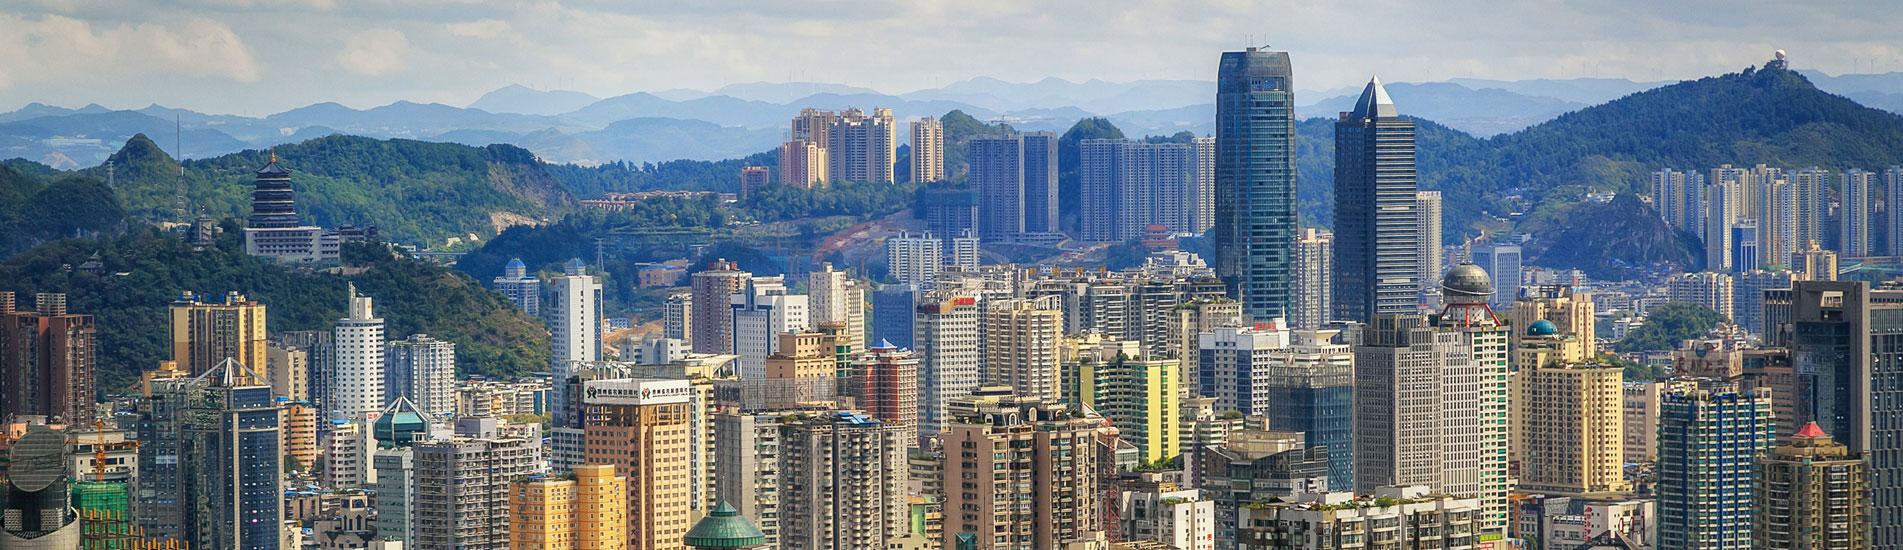 Guiyang city